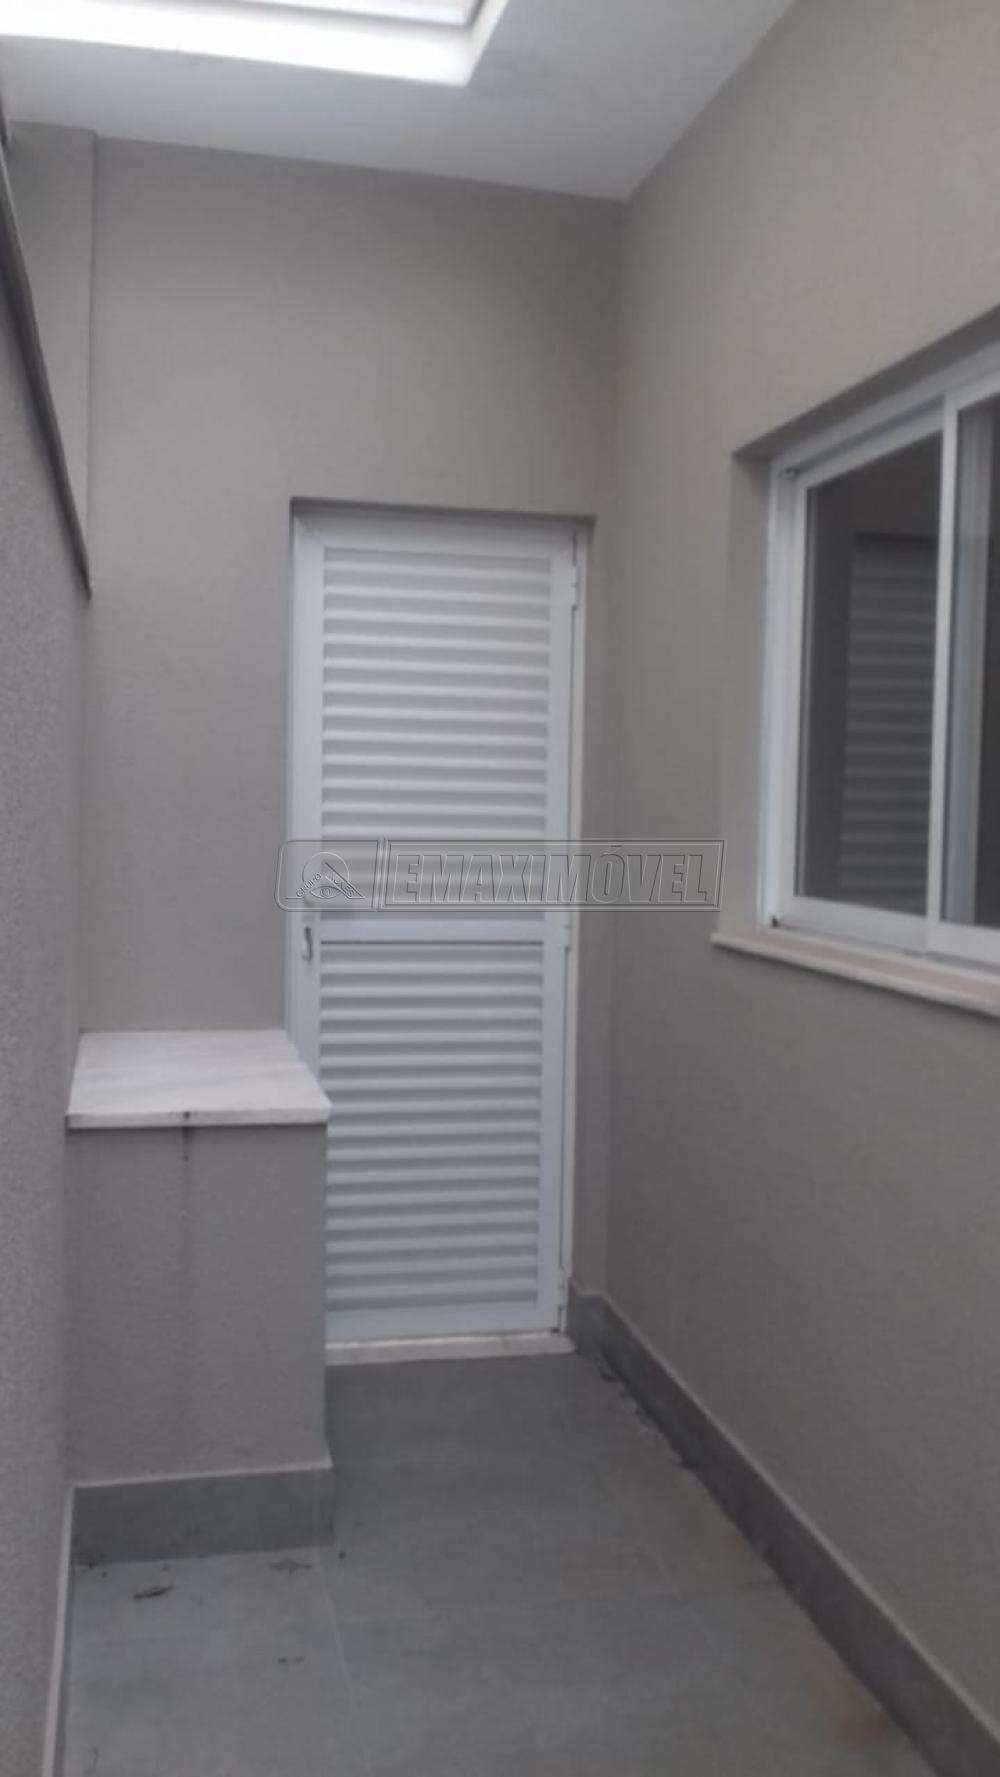 Comprar Casas / em Condomínios em Sorocaba apenas R$ 720.000,00 - Foto 14